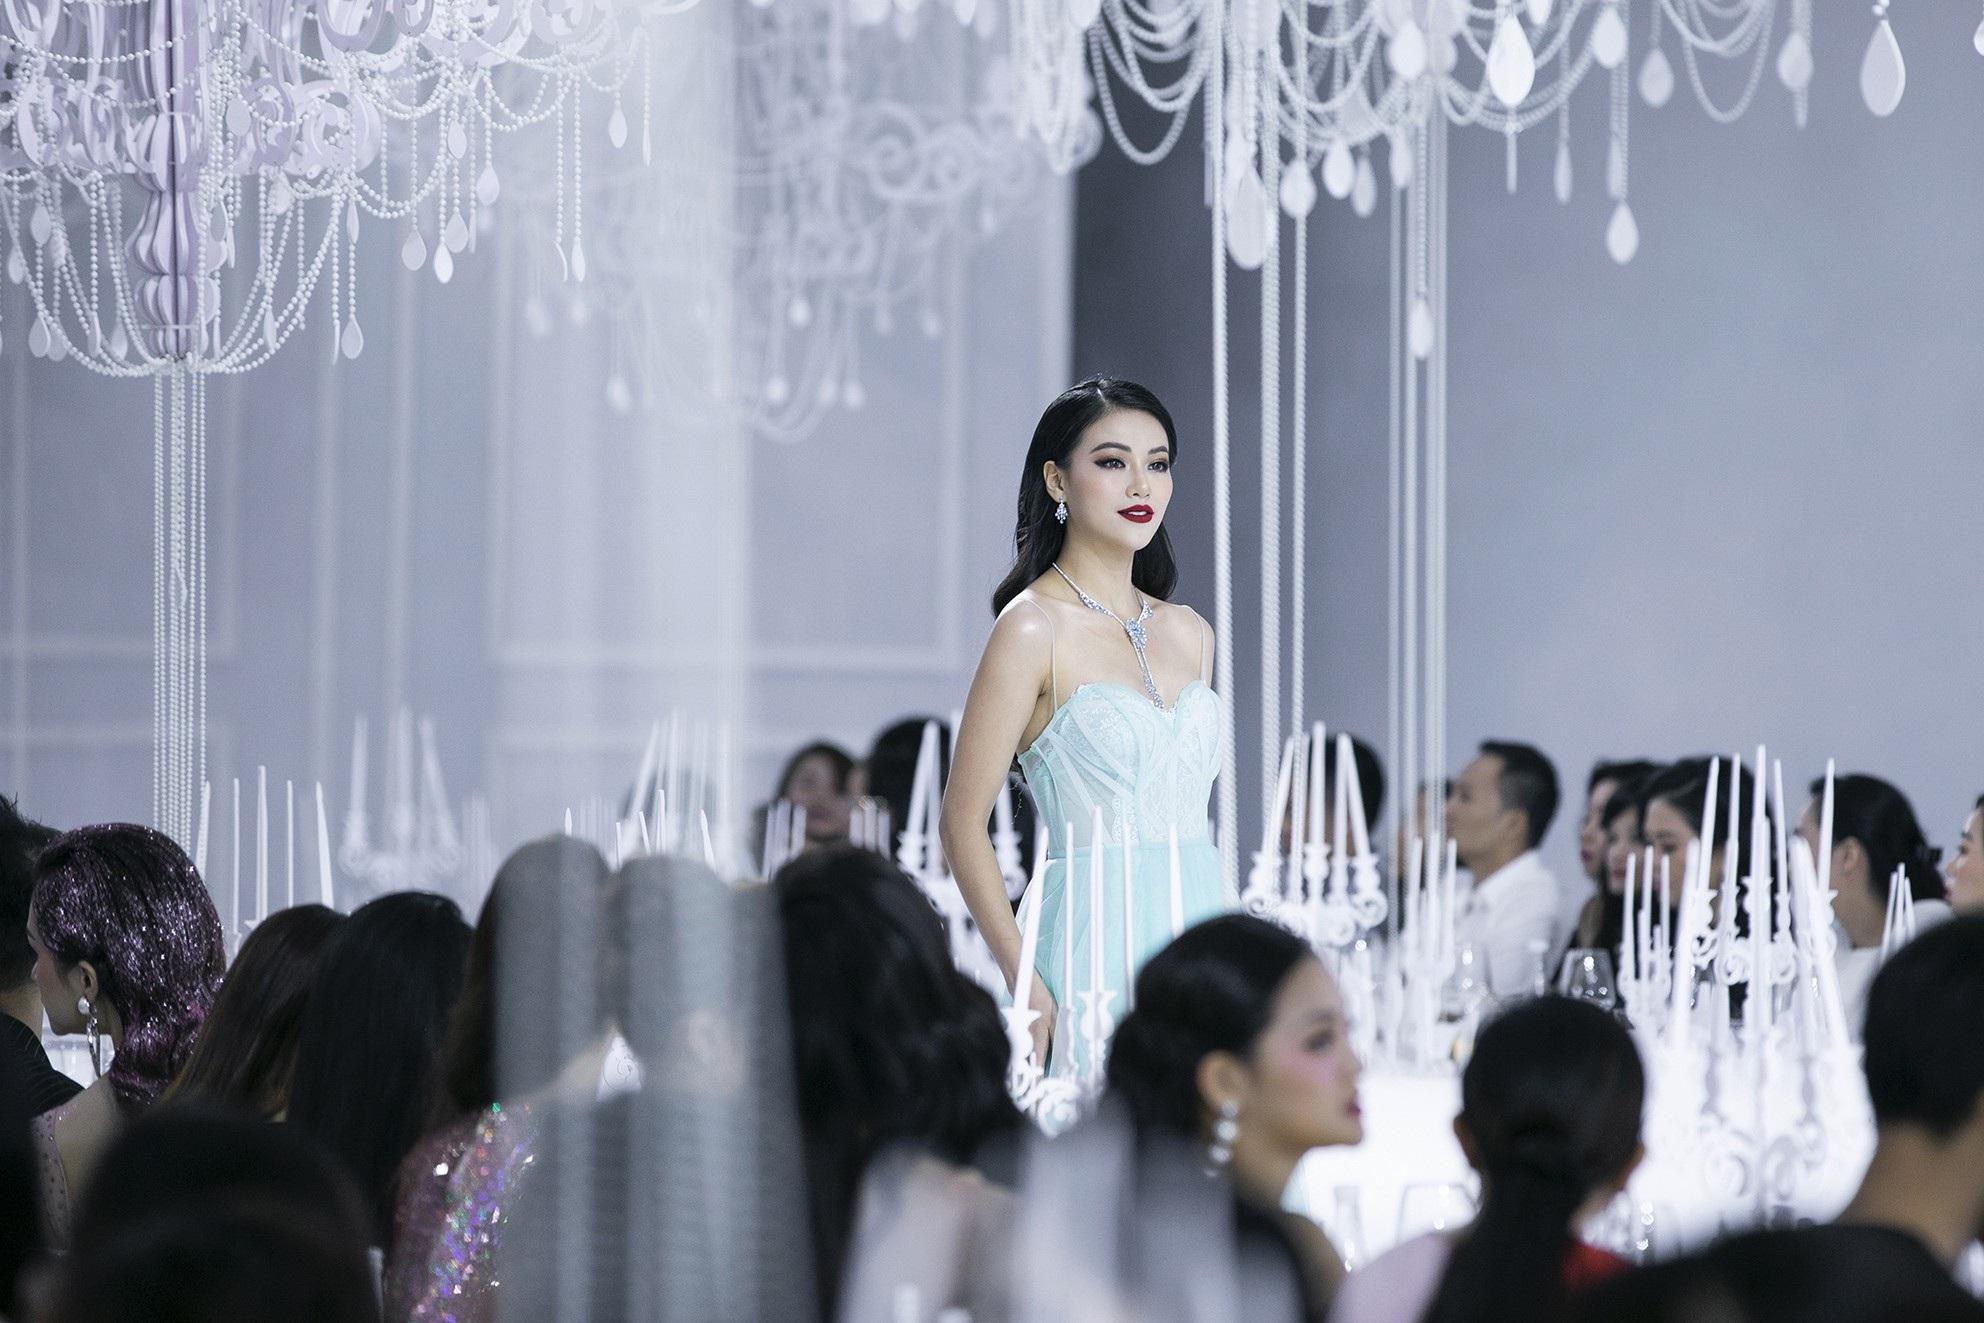 Sau 5 năm vắng bóng, Mai Phương Thuý bất ngờ làm vedette cùng Hồ Ngọc Hà, Hoàng Yến - Ảnh 11.